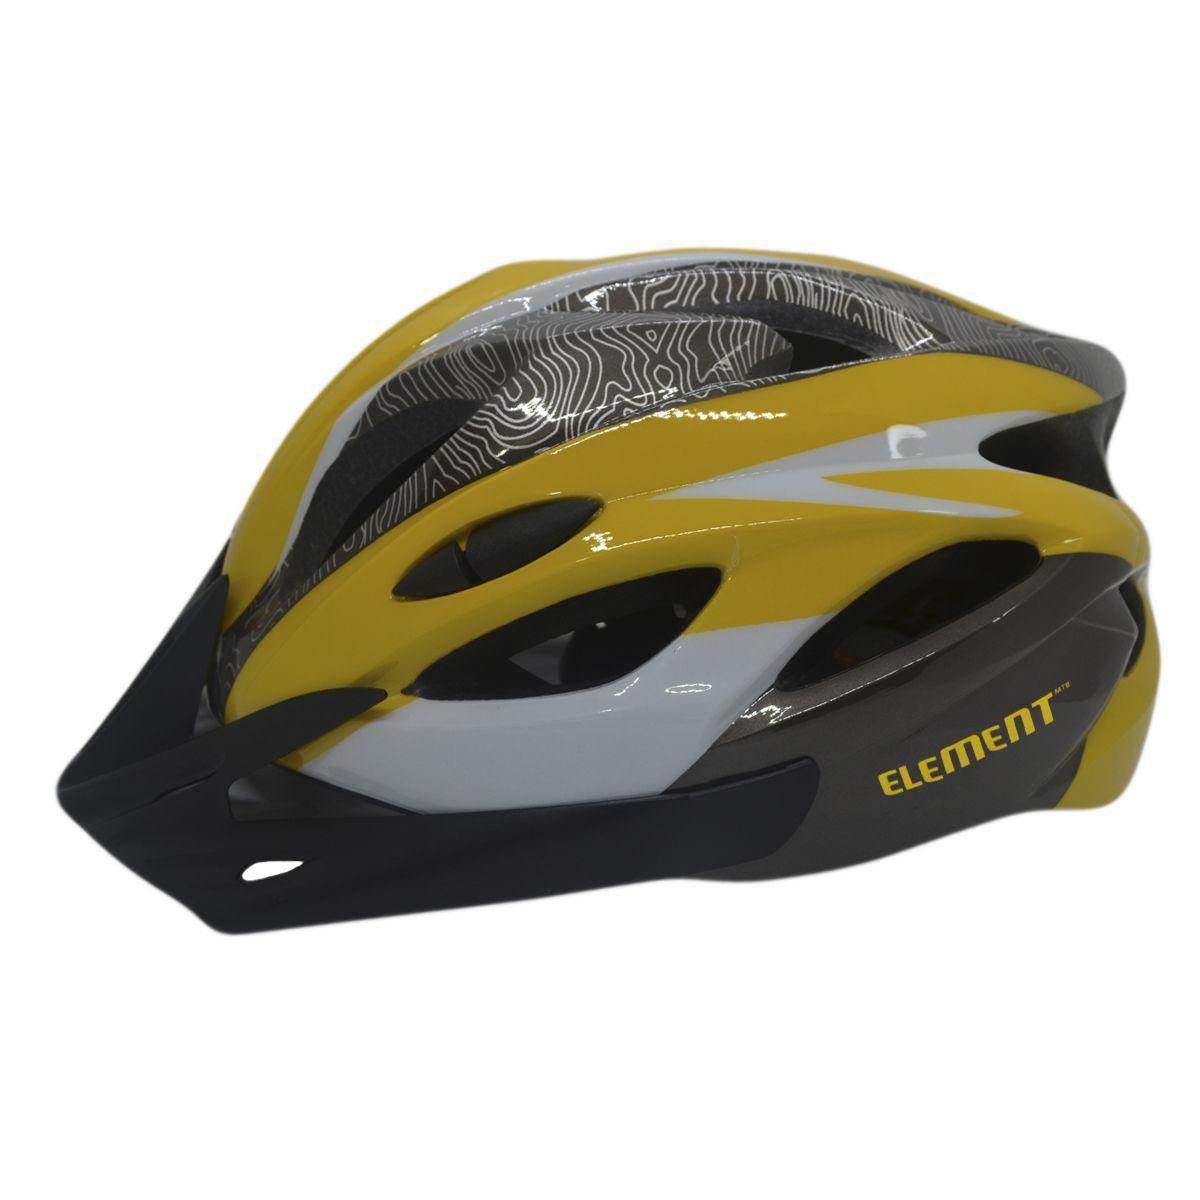 Capacete Ciclismo Element DG-041 C/ Led Adulto Grande Amarel - Capacete  Ciclismo - Magazine Luiza